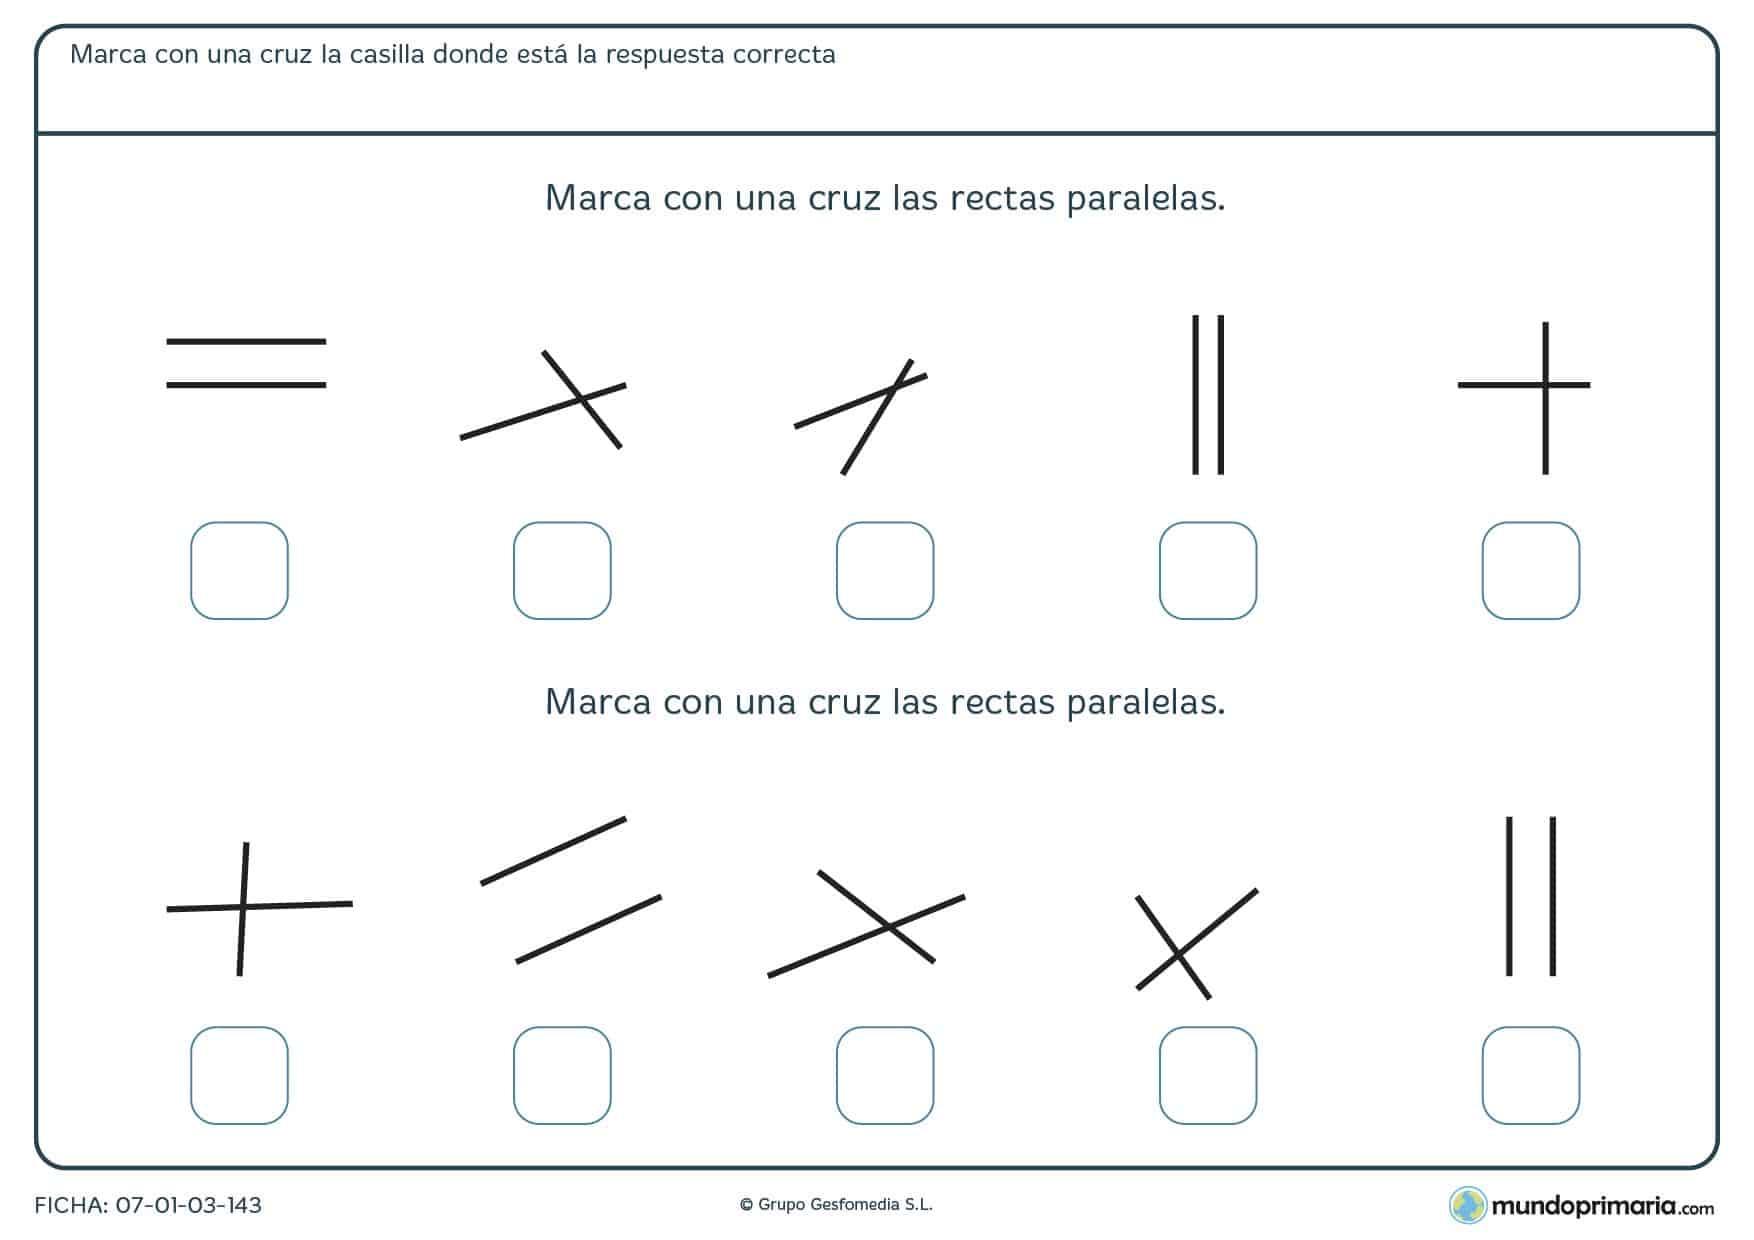 Ficha de rectas paralelas para marcar de los 10 pares que te mostramos las que sean paralelas.